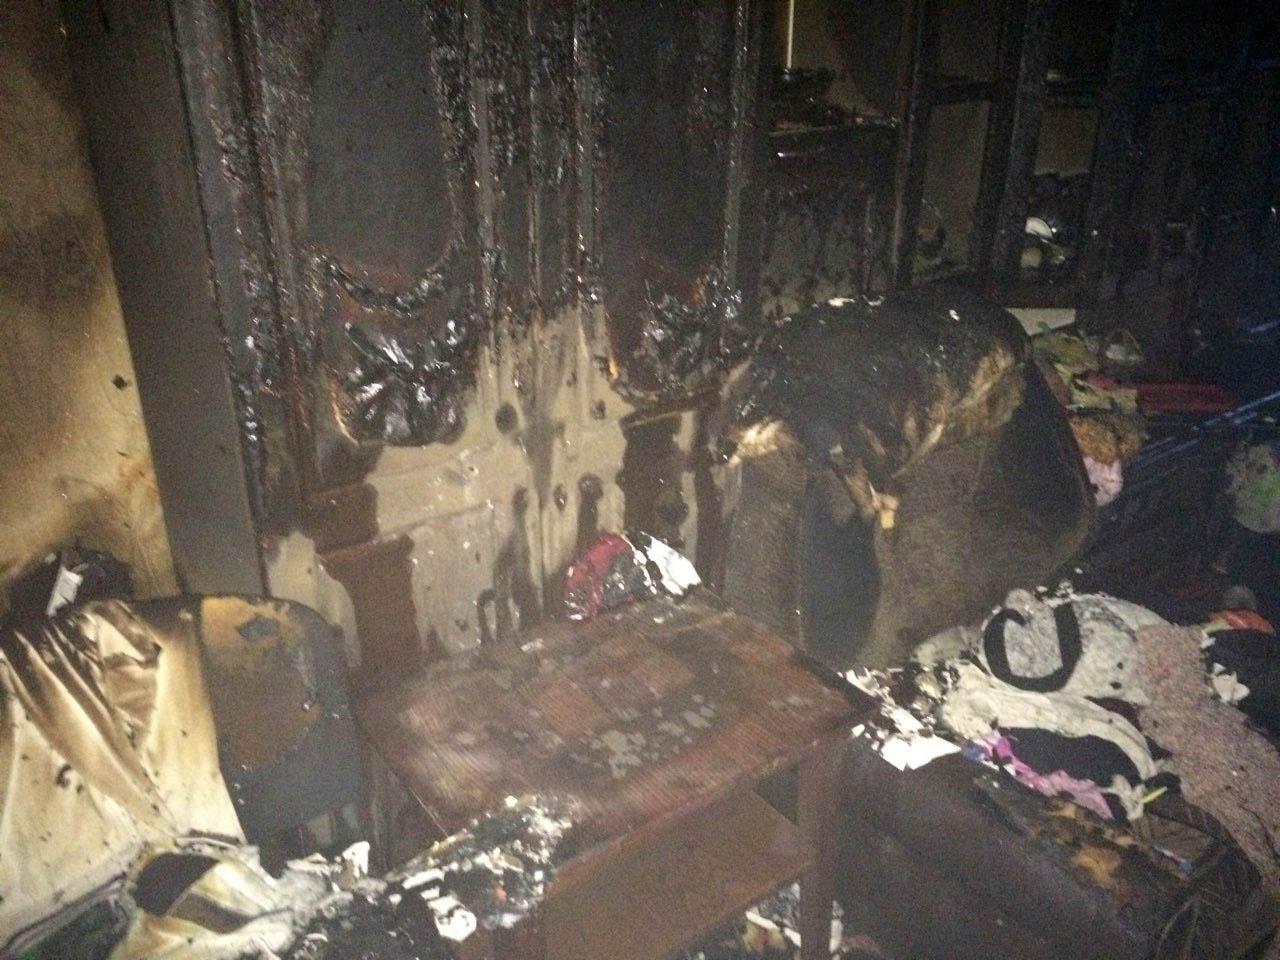 ВКиевской области три человека пострадали из-за взрыва телевизора